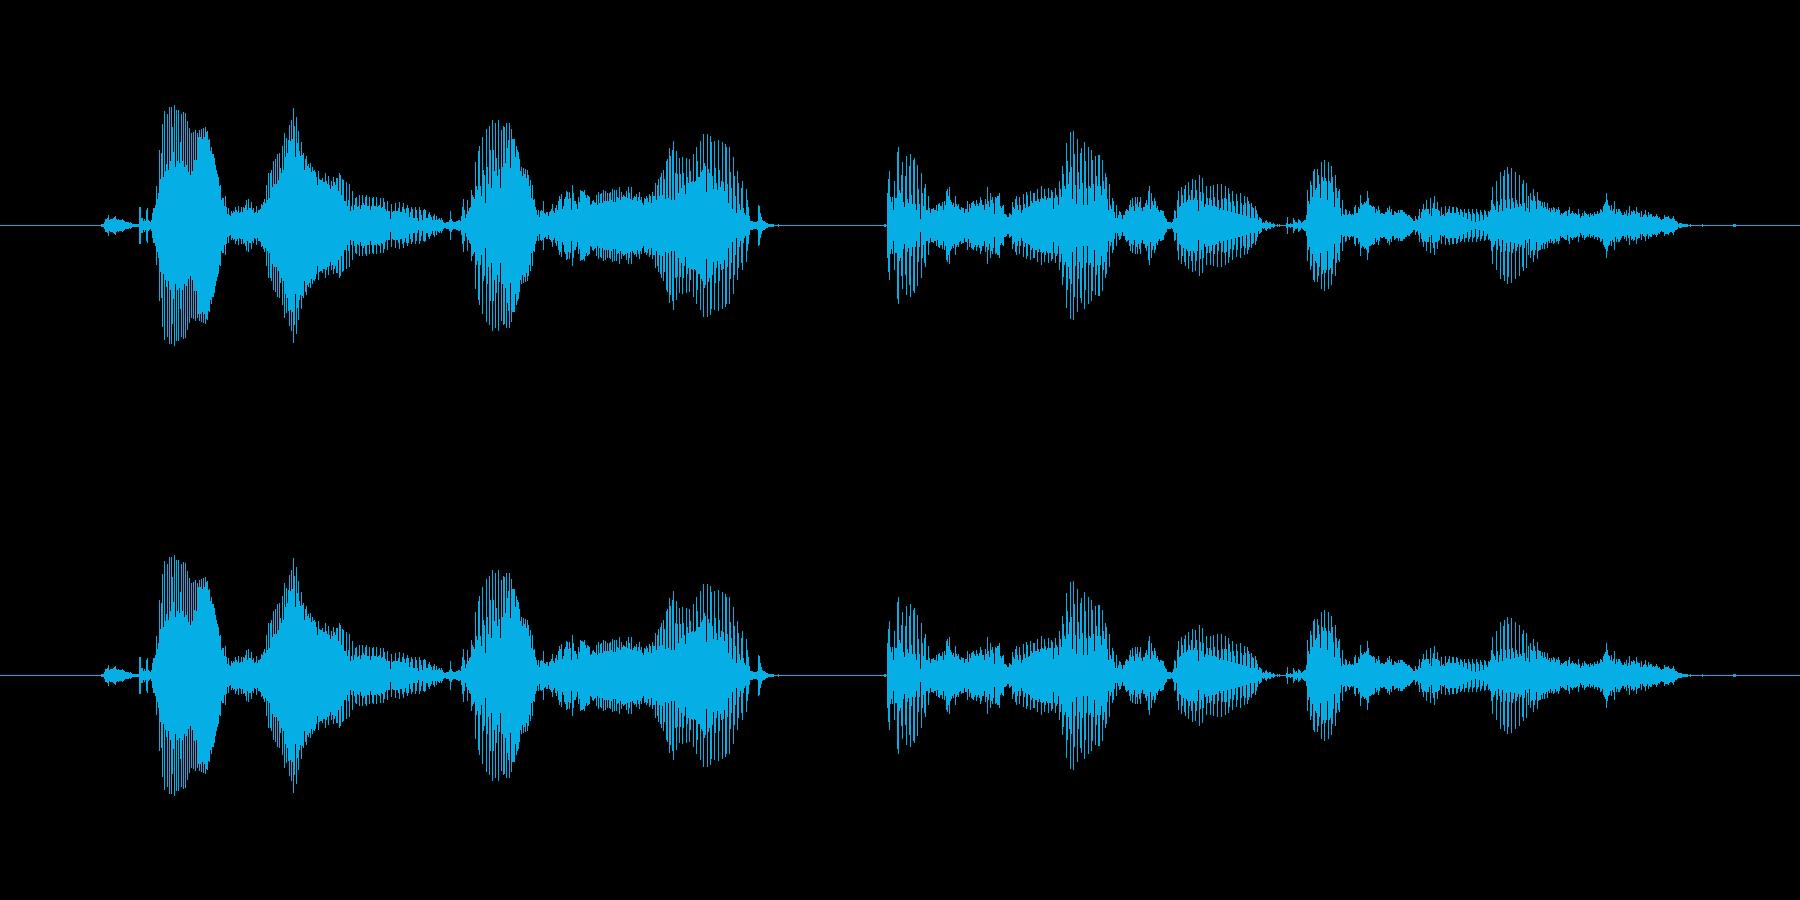 【時報・時間】午前5時を、お知らせいた…の再生済みの波形